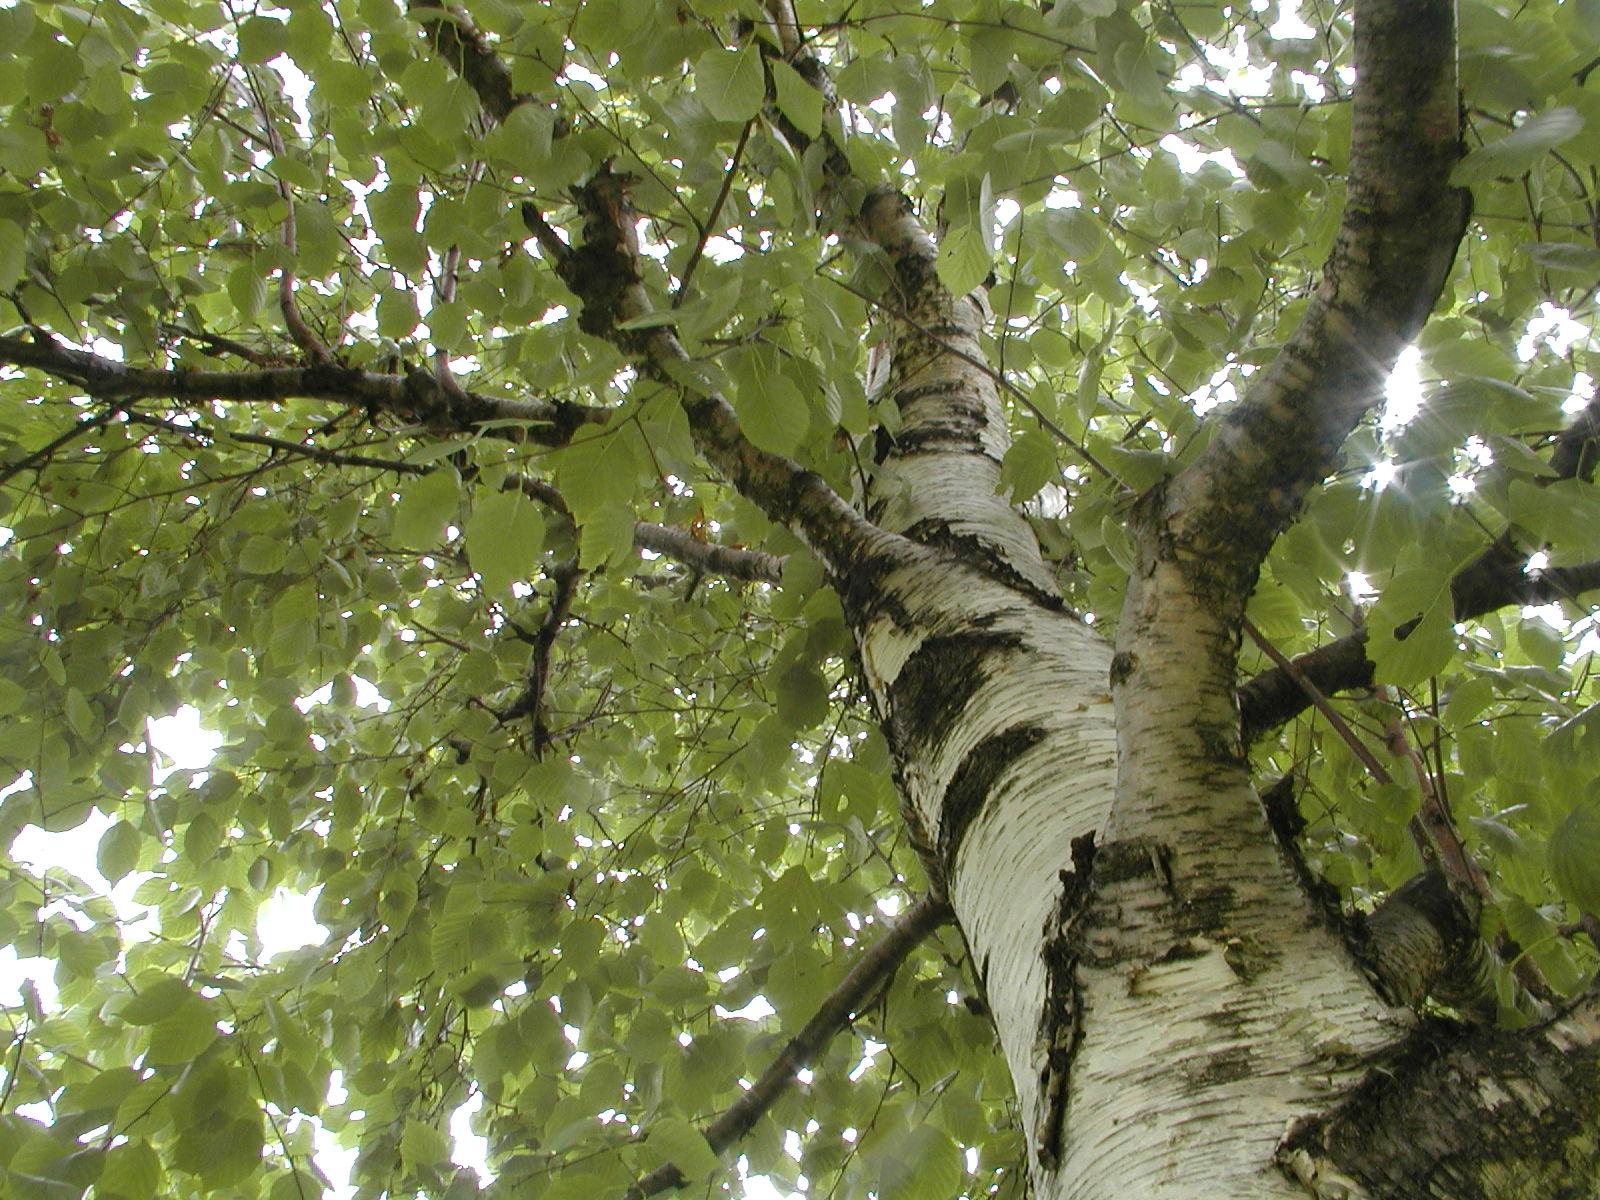 Taille D Un Olivier Comment Faire taille des arbres feuillus | espace pour la vie